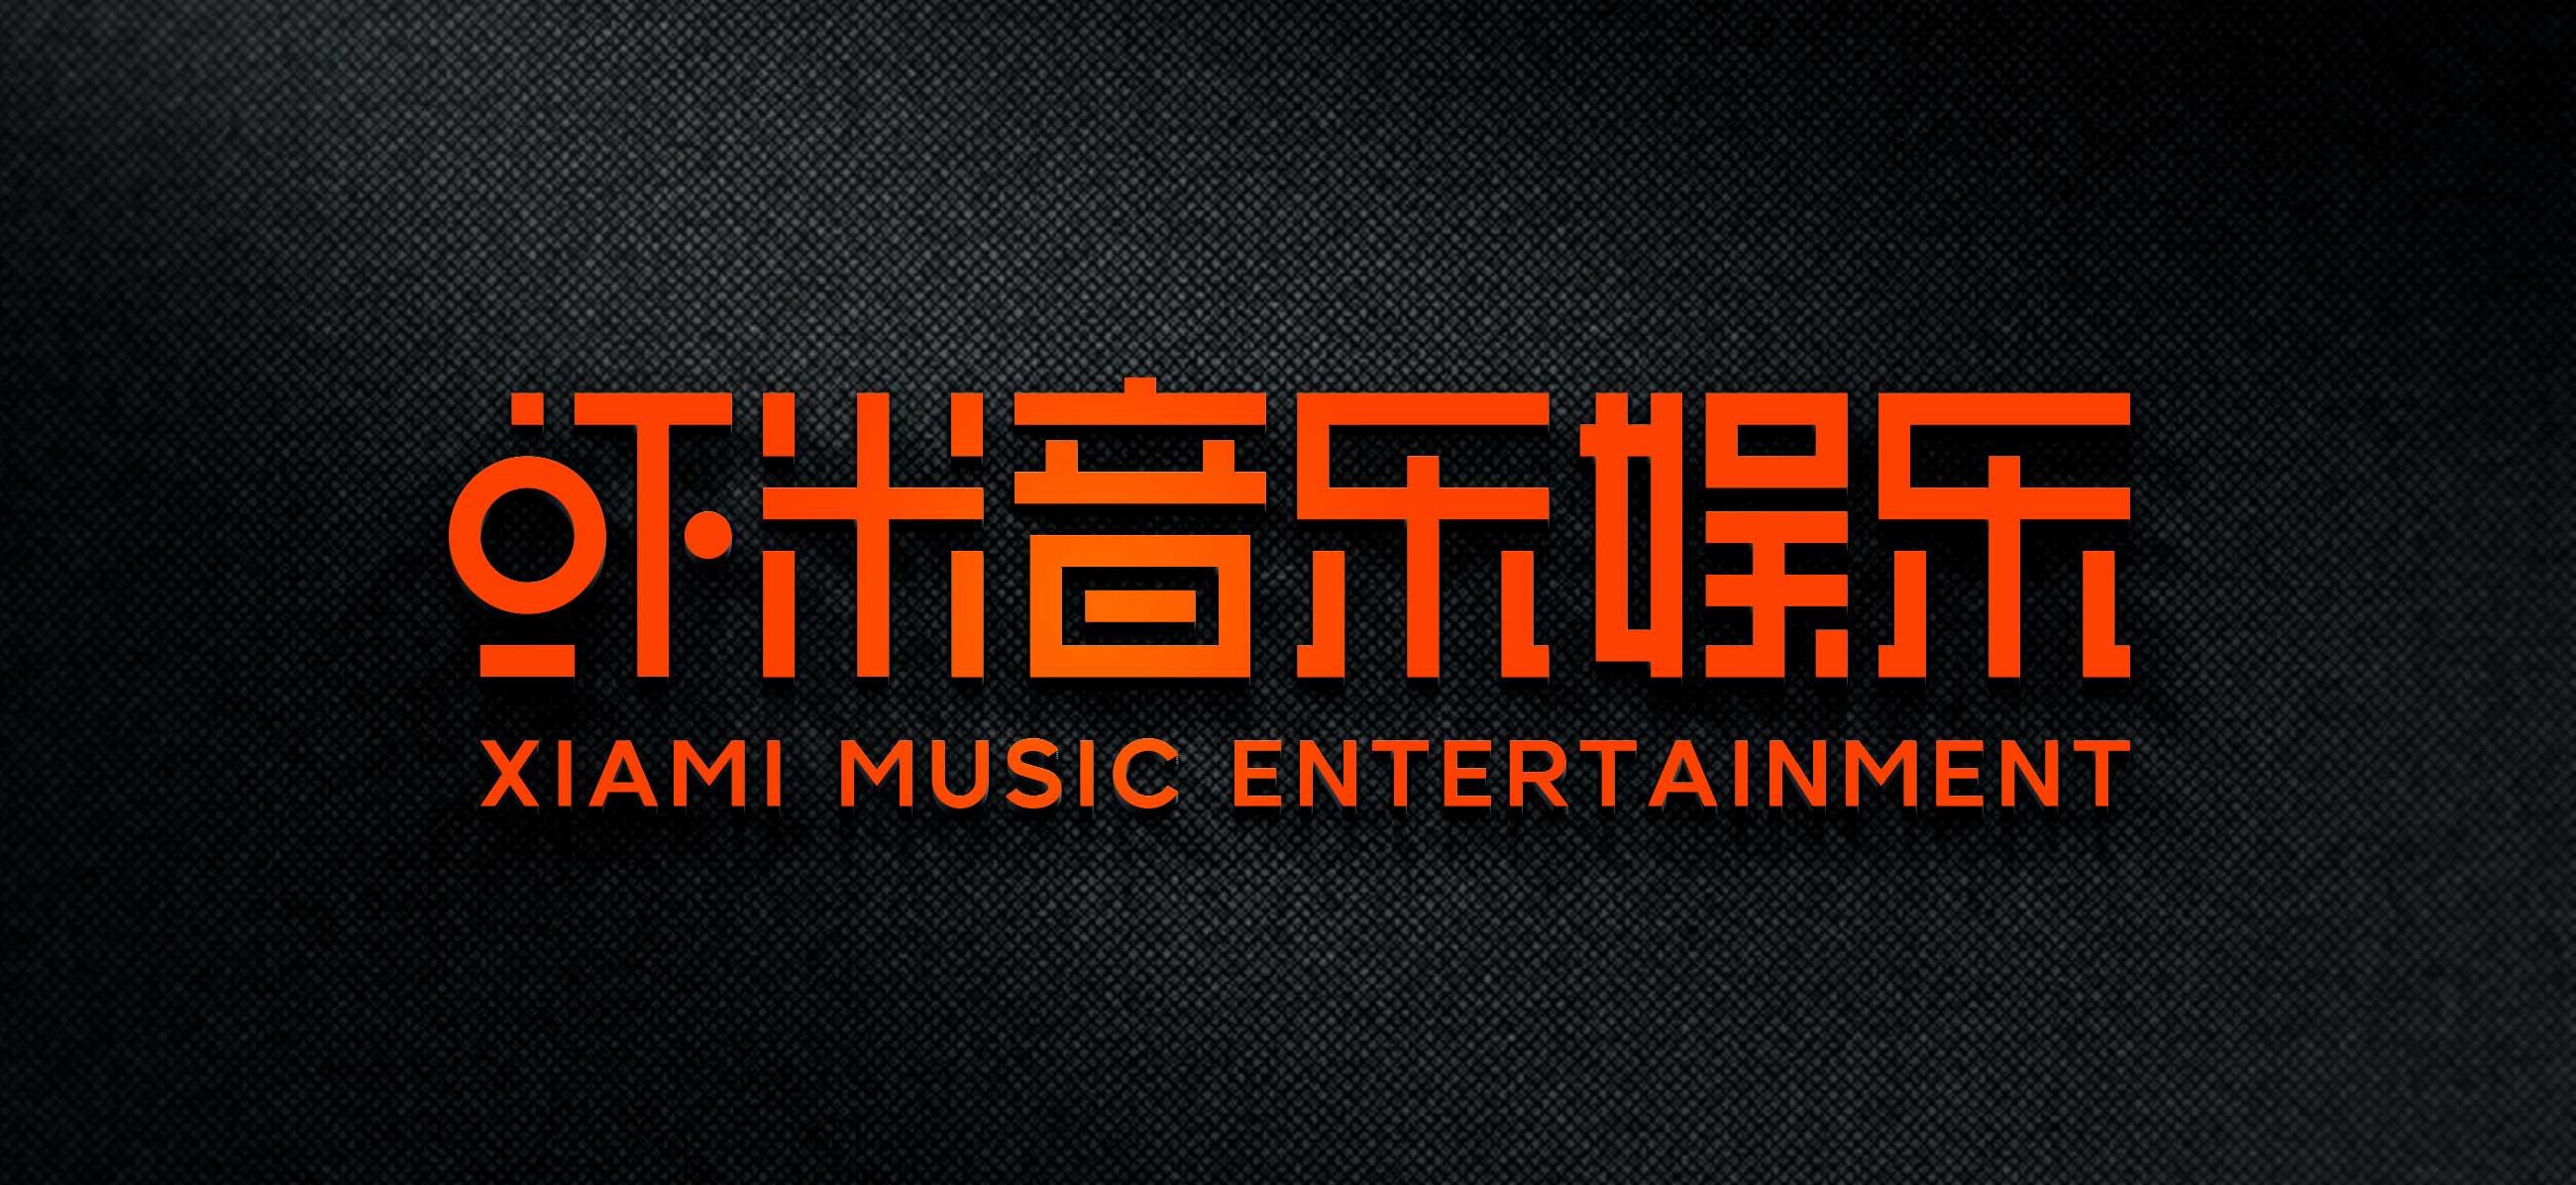 大麦成立虾米音乐娱乐厂牌 将举办虾米音乐节